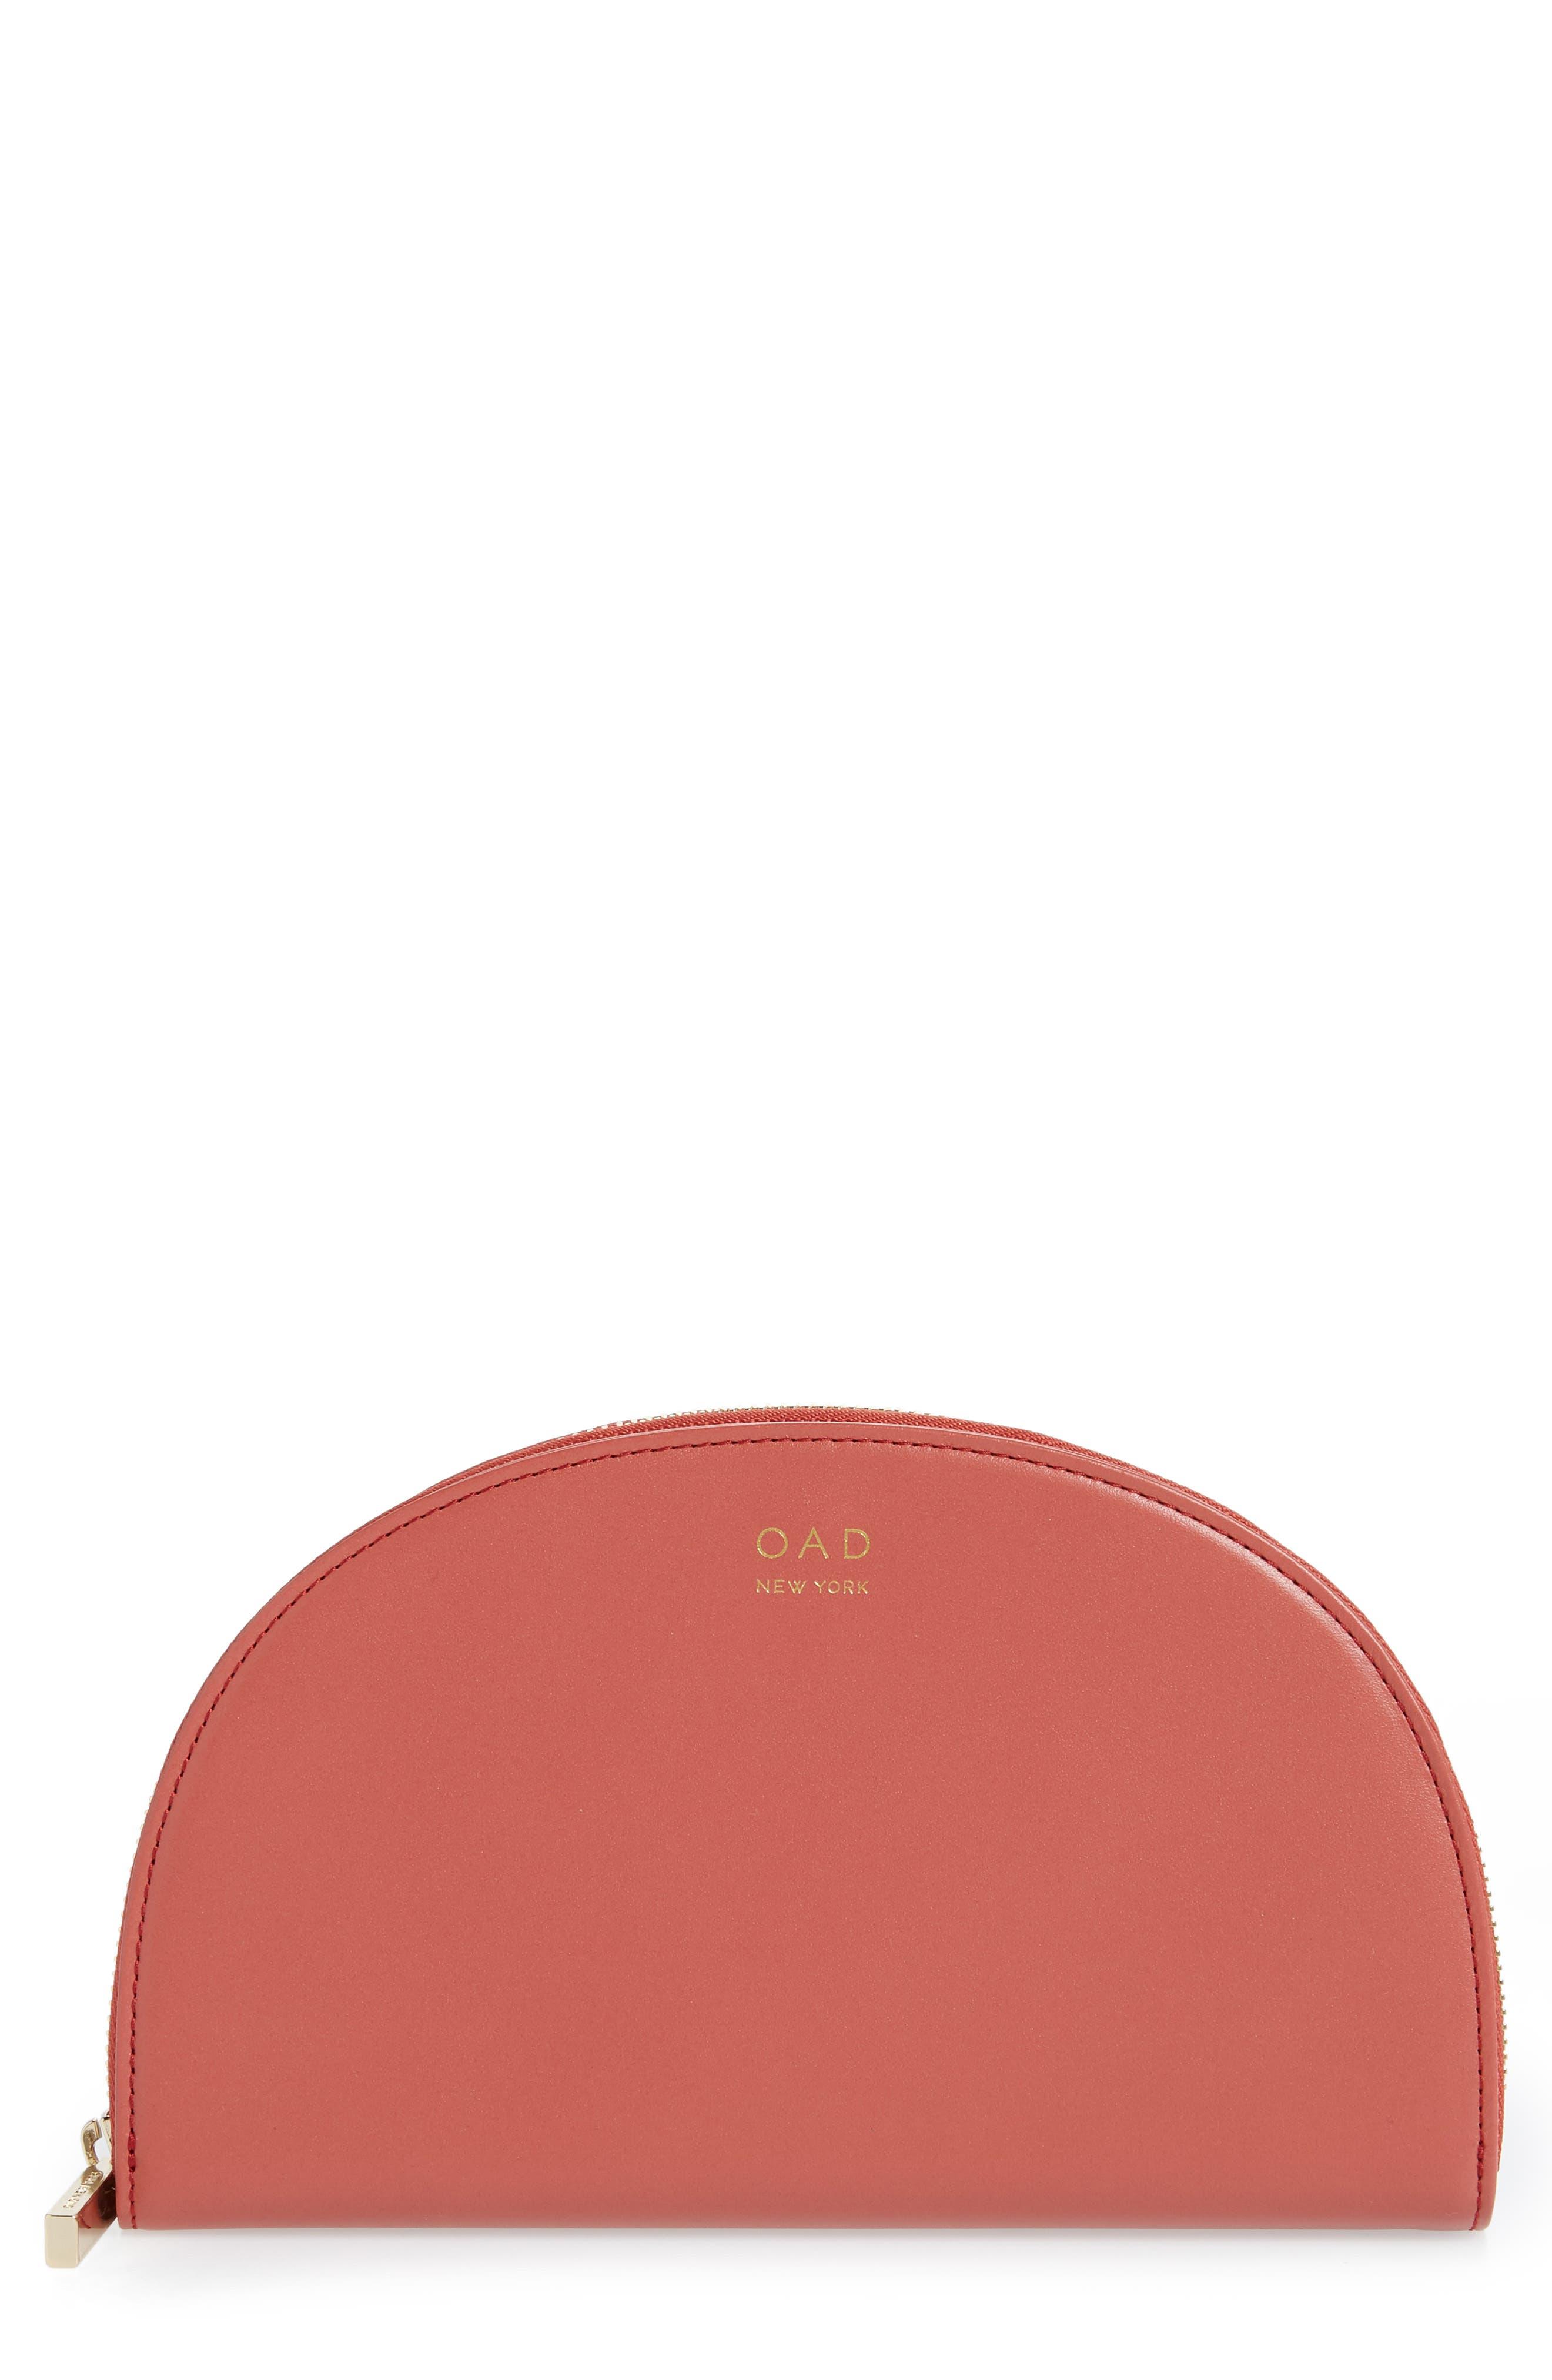 Dia Continental Mirror Wallet,                             Main thumbnail 1, color,                             ROSE WOOD